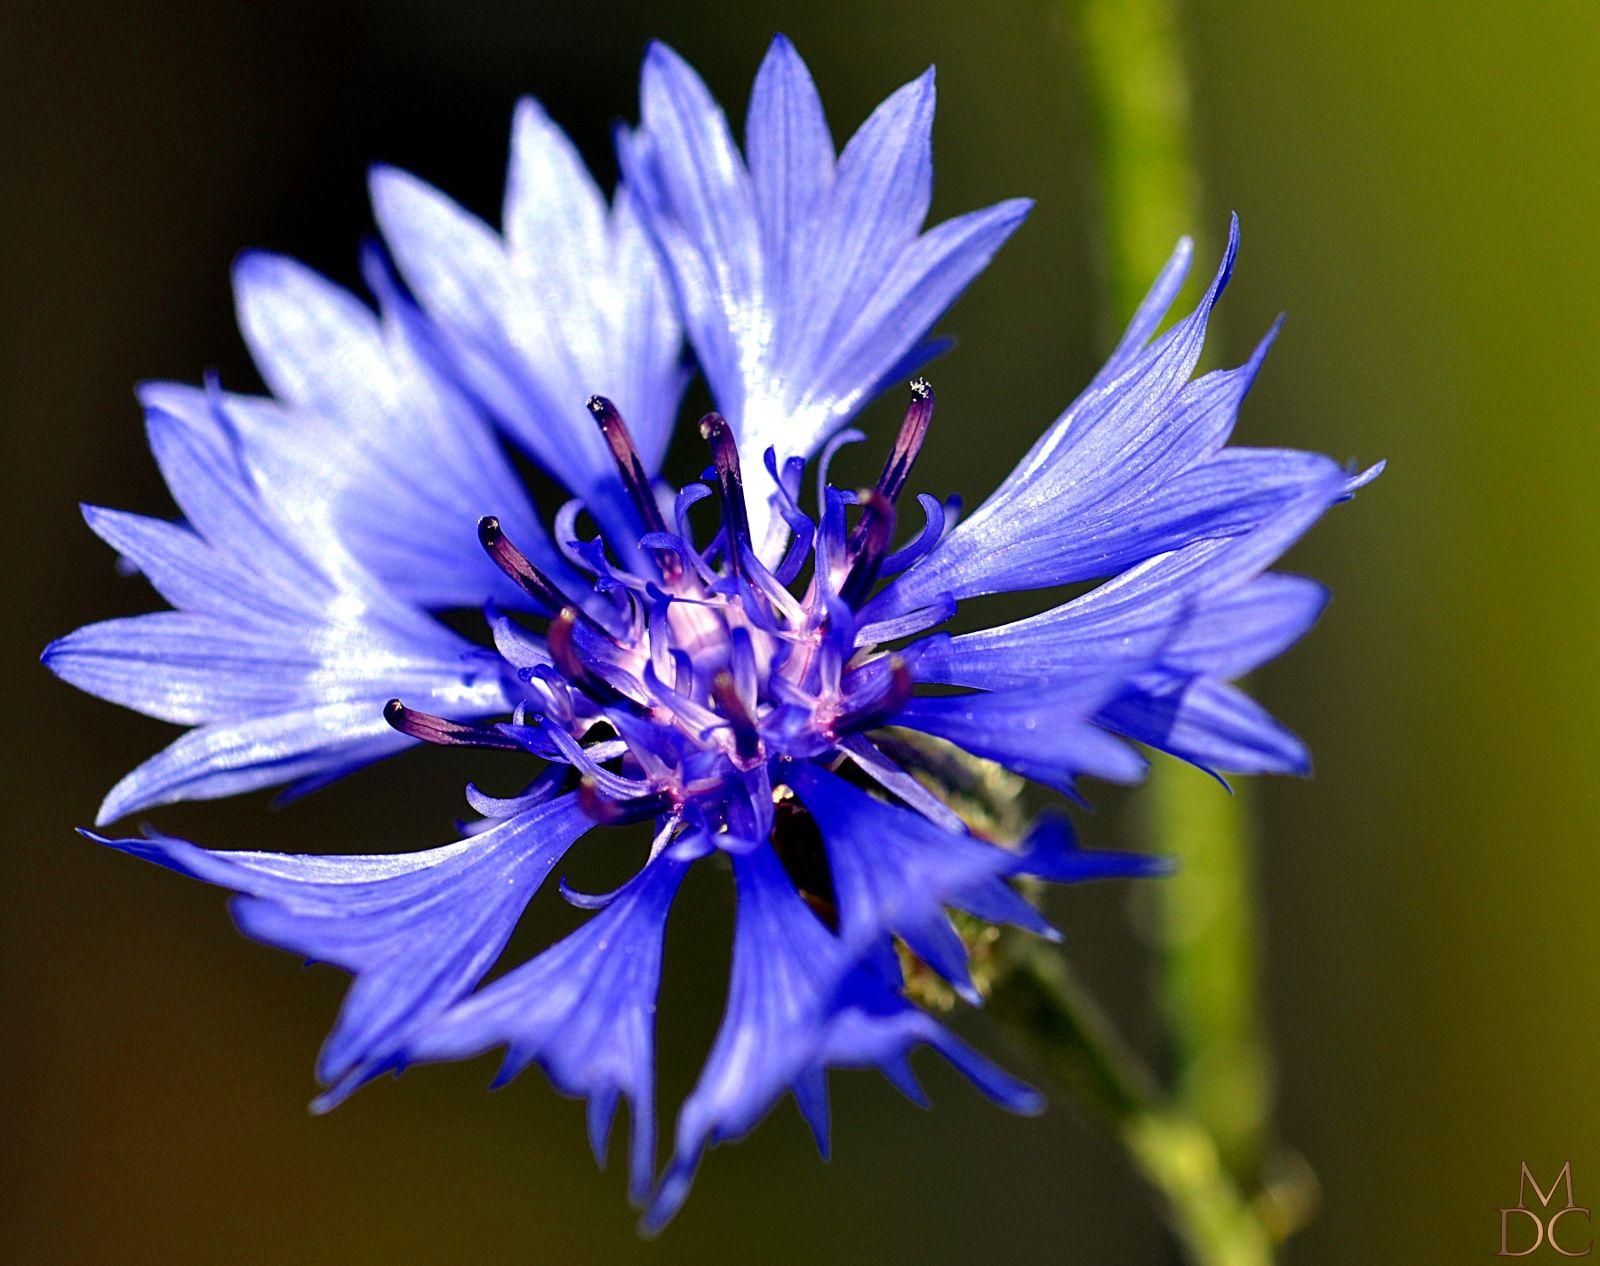 Fleur bleue ou violette centauree bleuet des champs - Image fleur violette ...